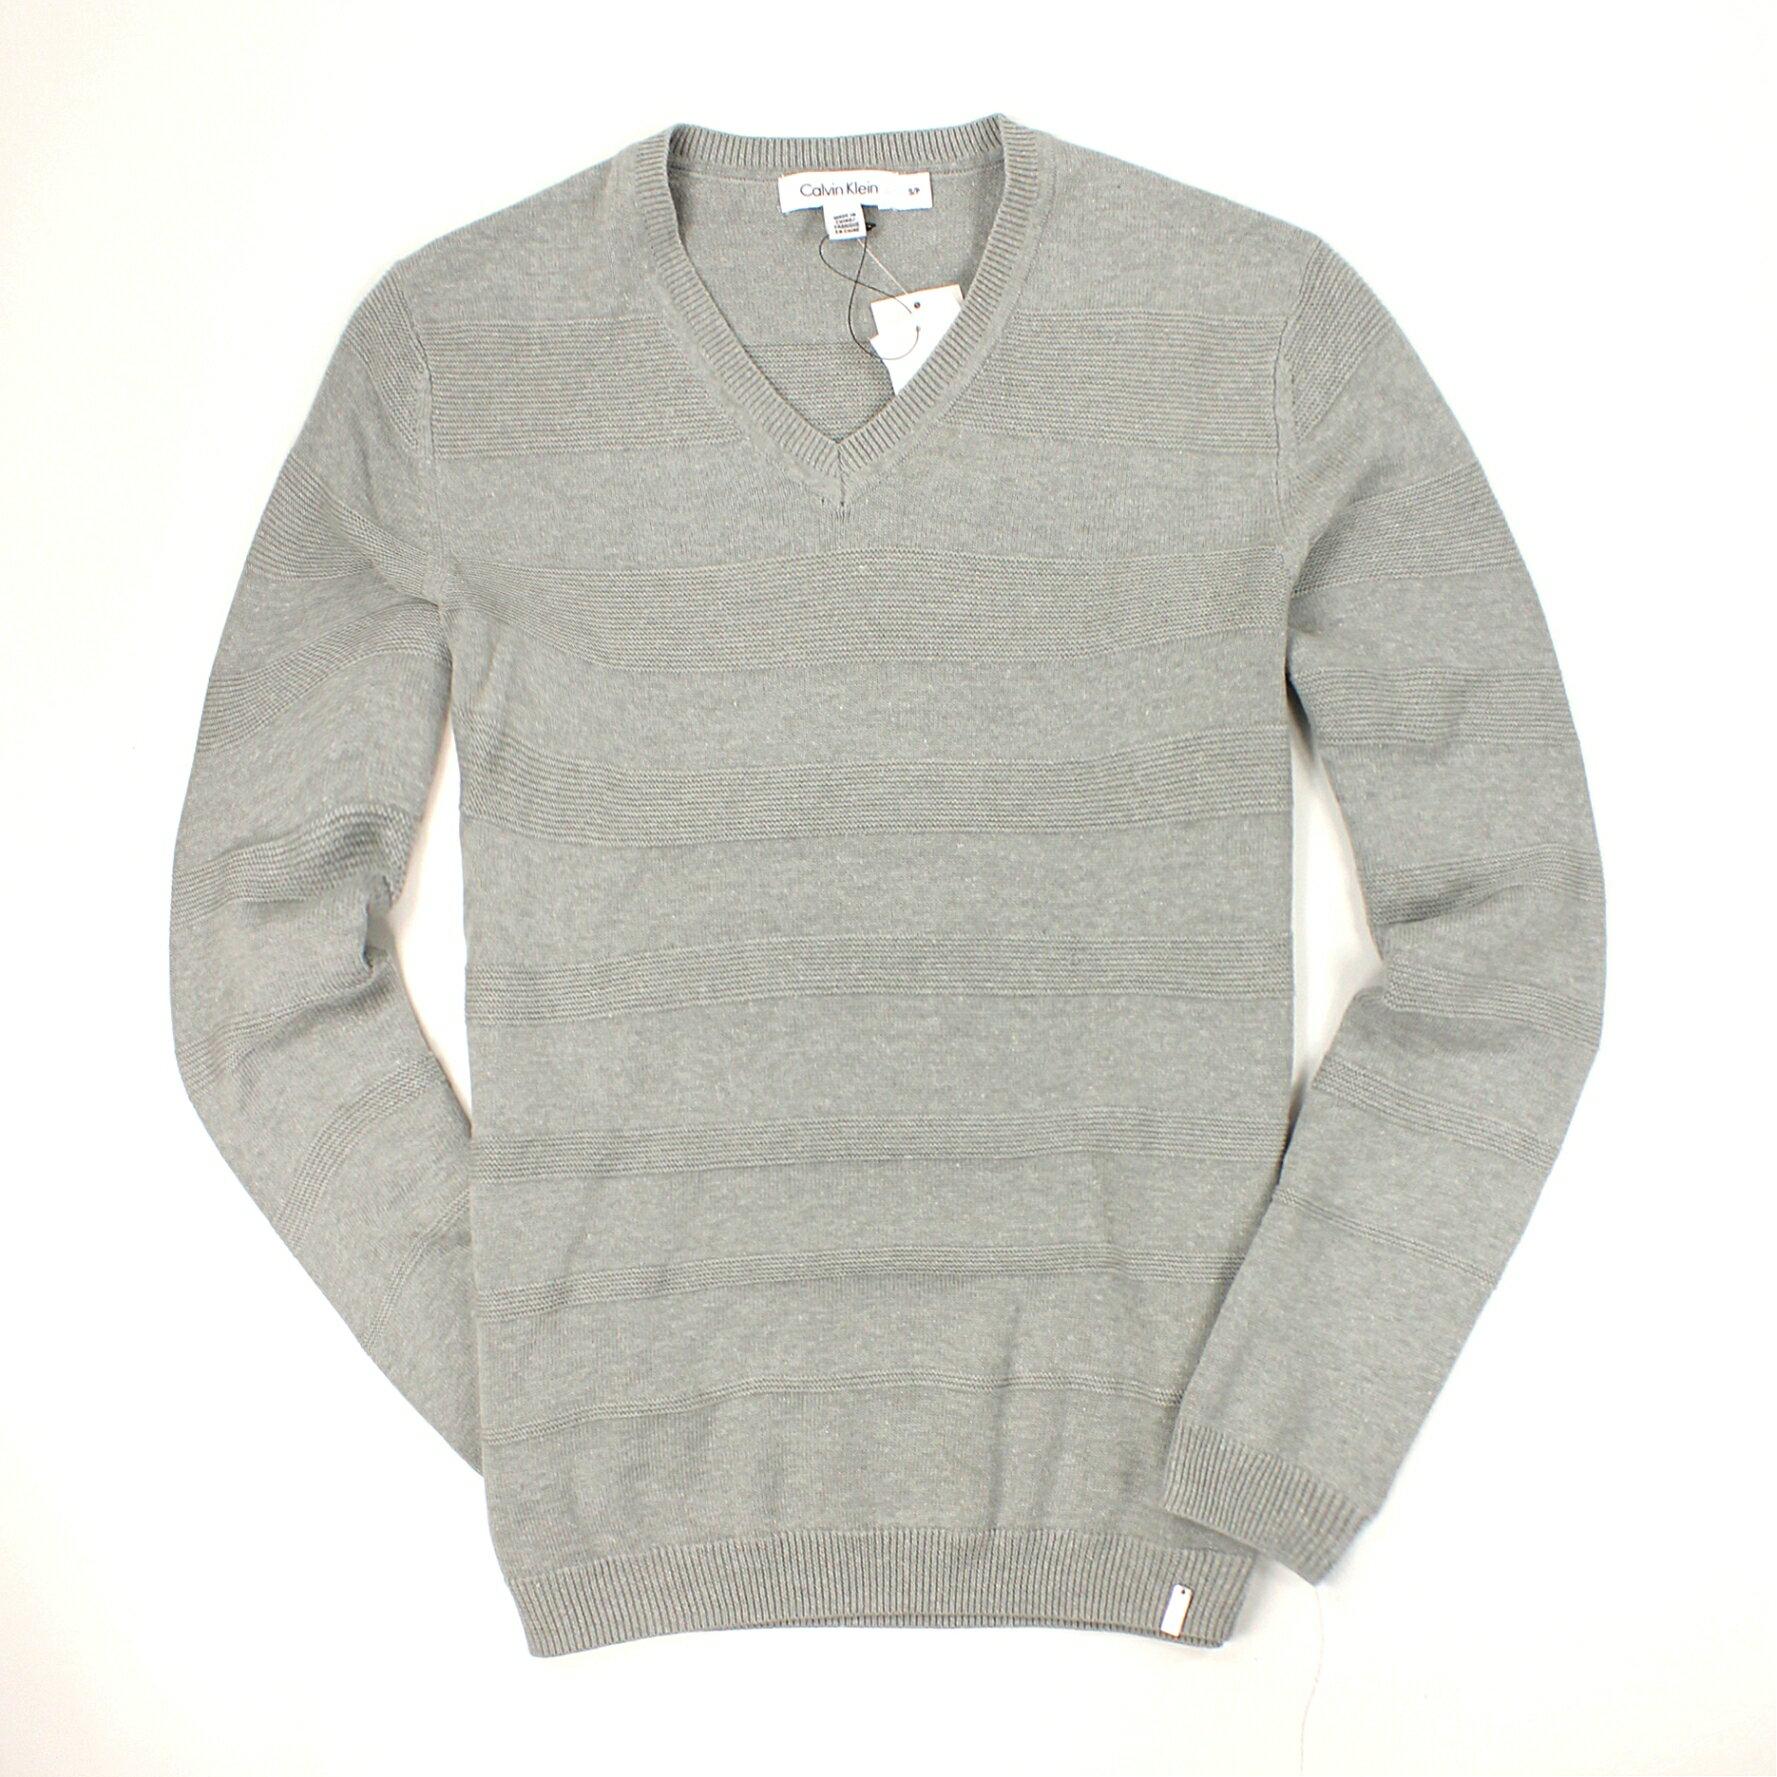 美國百分百【全新真品】Calvin Klein 針織衫 CK 線衫 上衣 棉質毛衣 灰 素面 條紋 V領 男衣 S M L號 B522